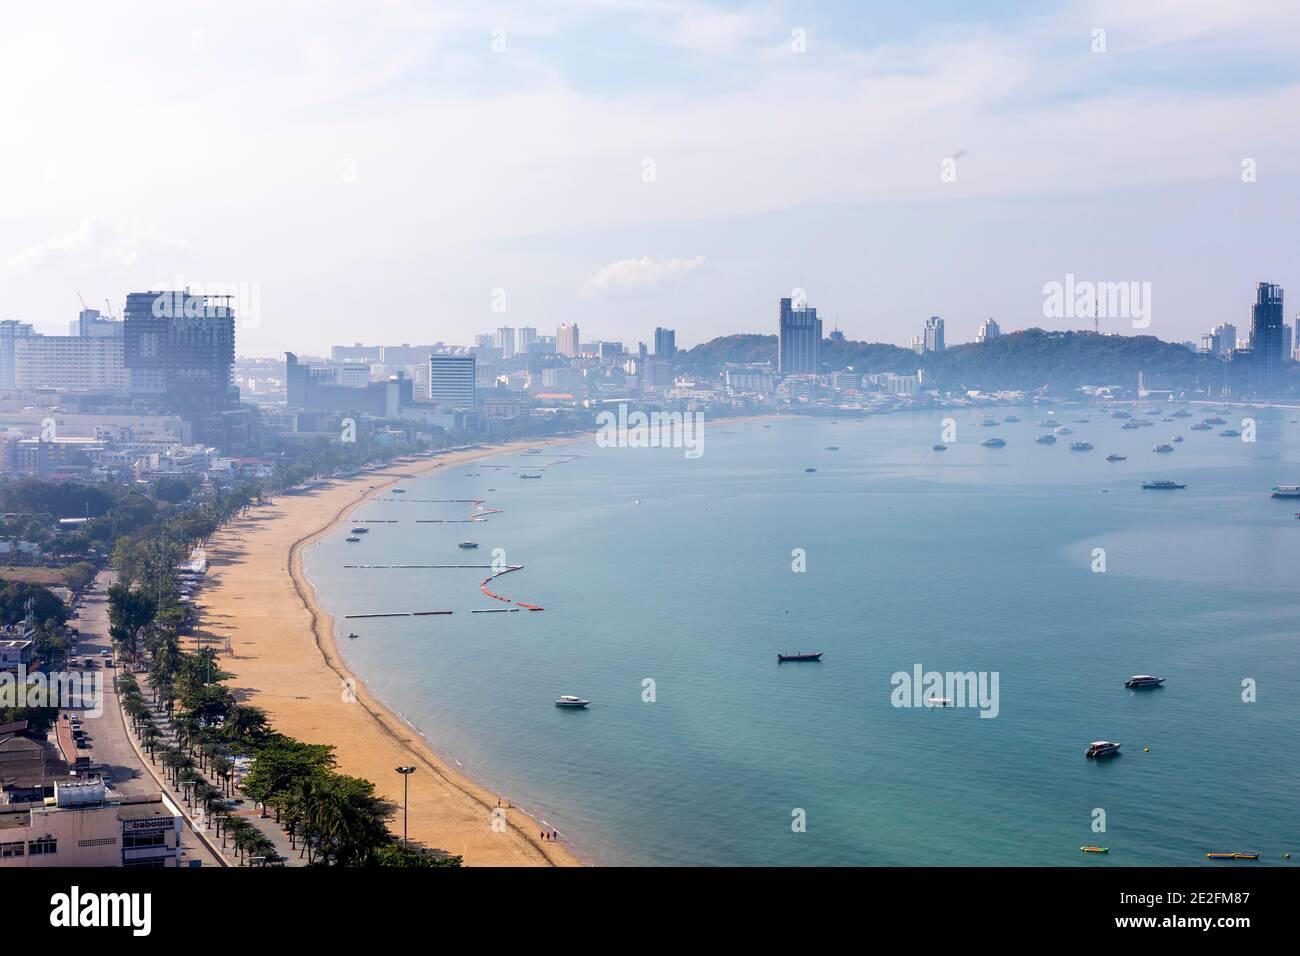 Brume matinale et pollution, Pattaya, Chon Buri, Thaïlande Banque D'Images